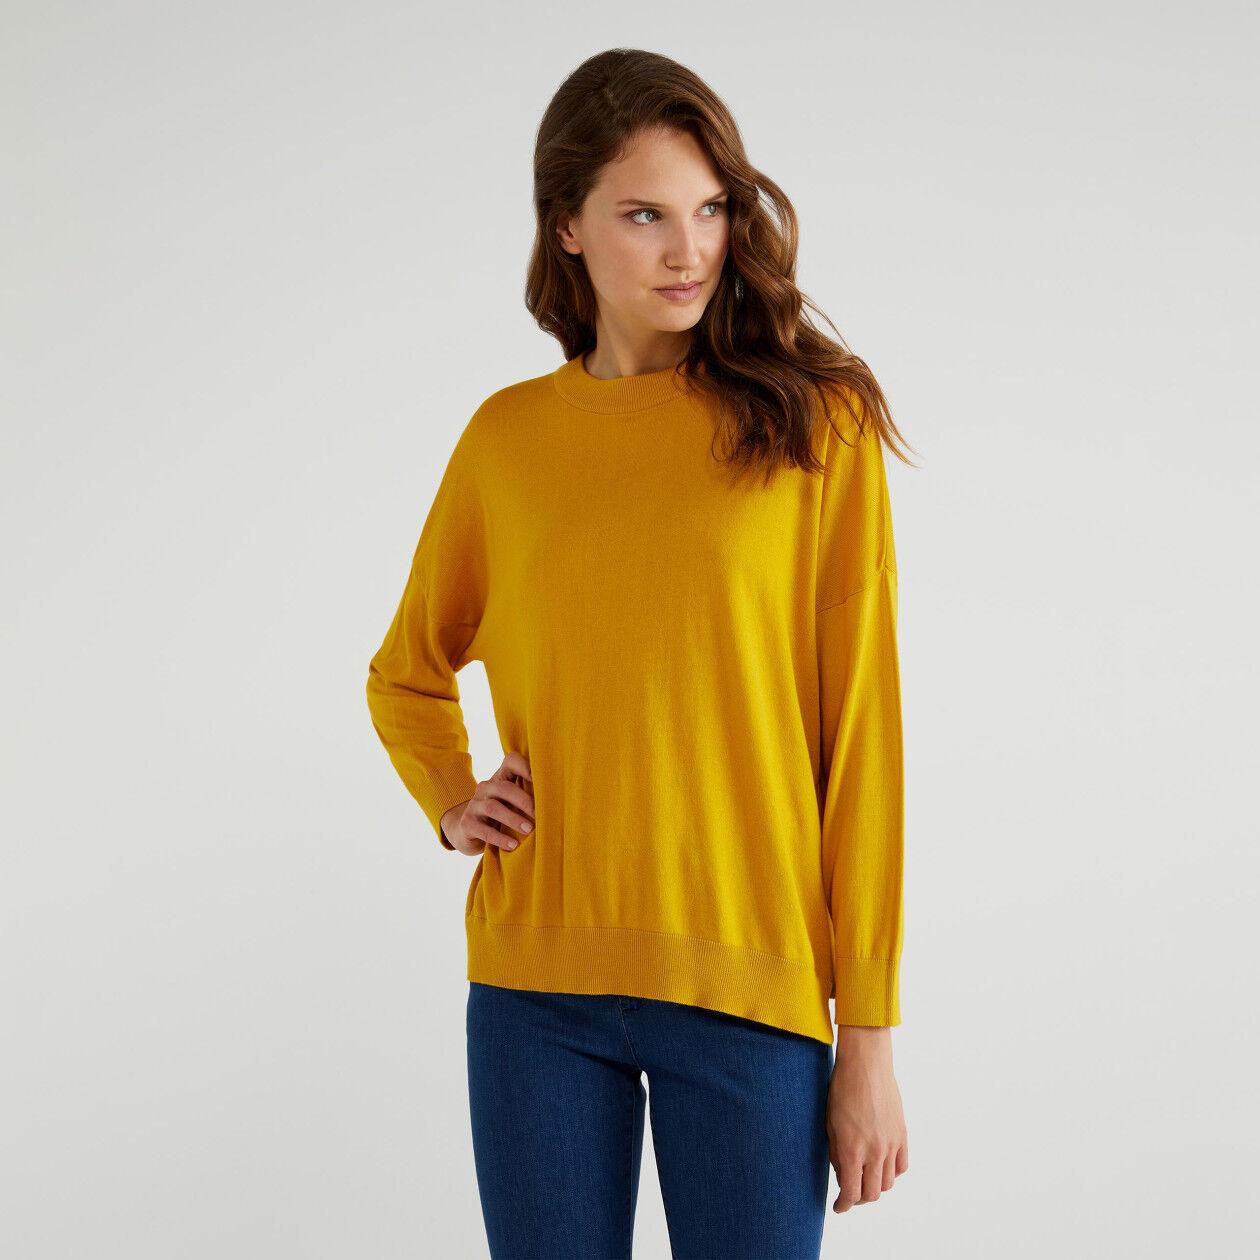 Jersey de algodón y Modal®